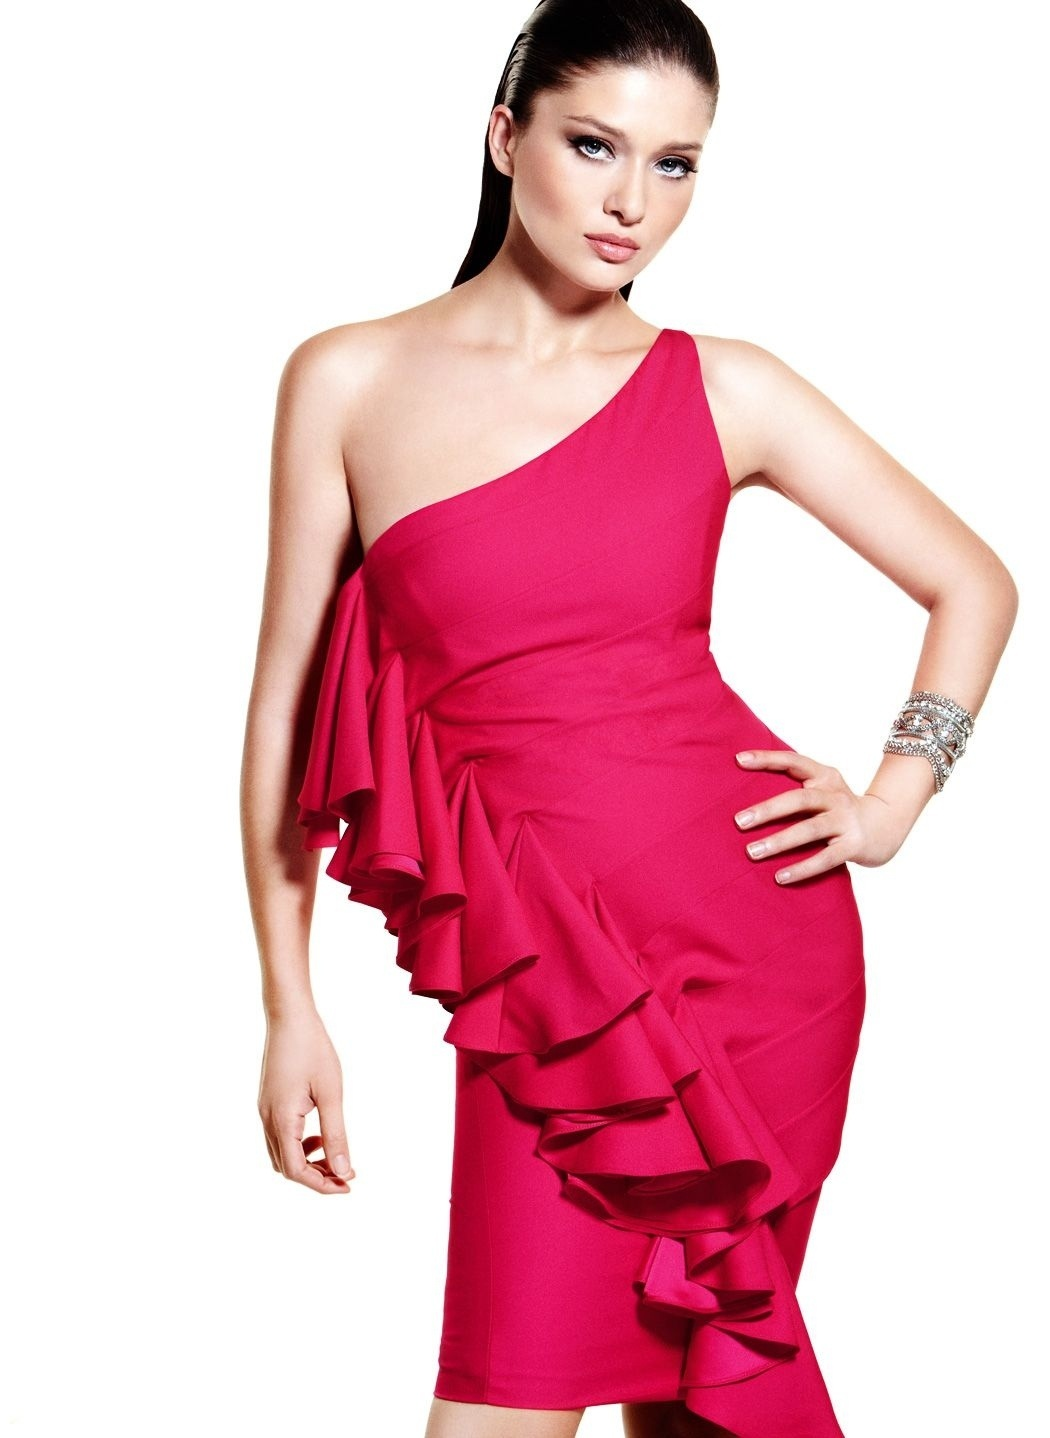 Нургюль Ешилчай красивая турецкая актриса